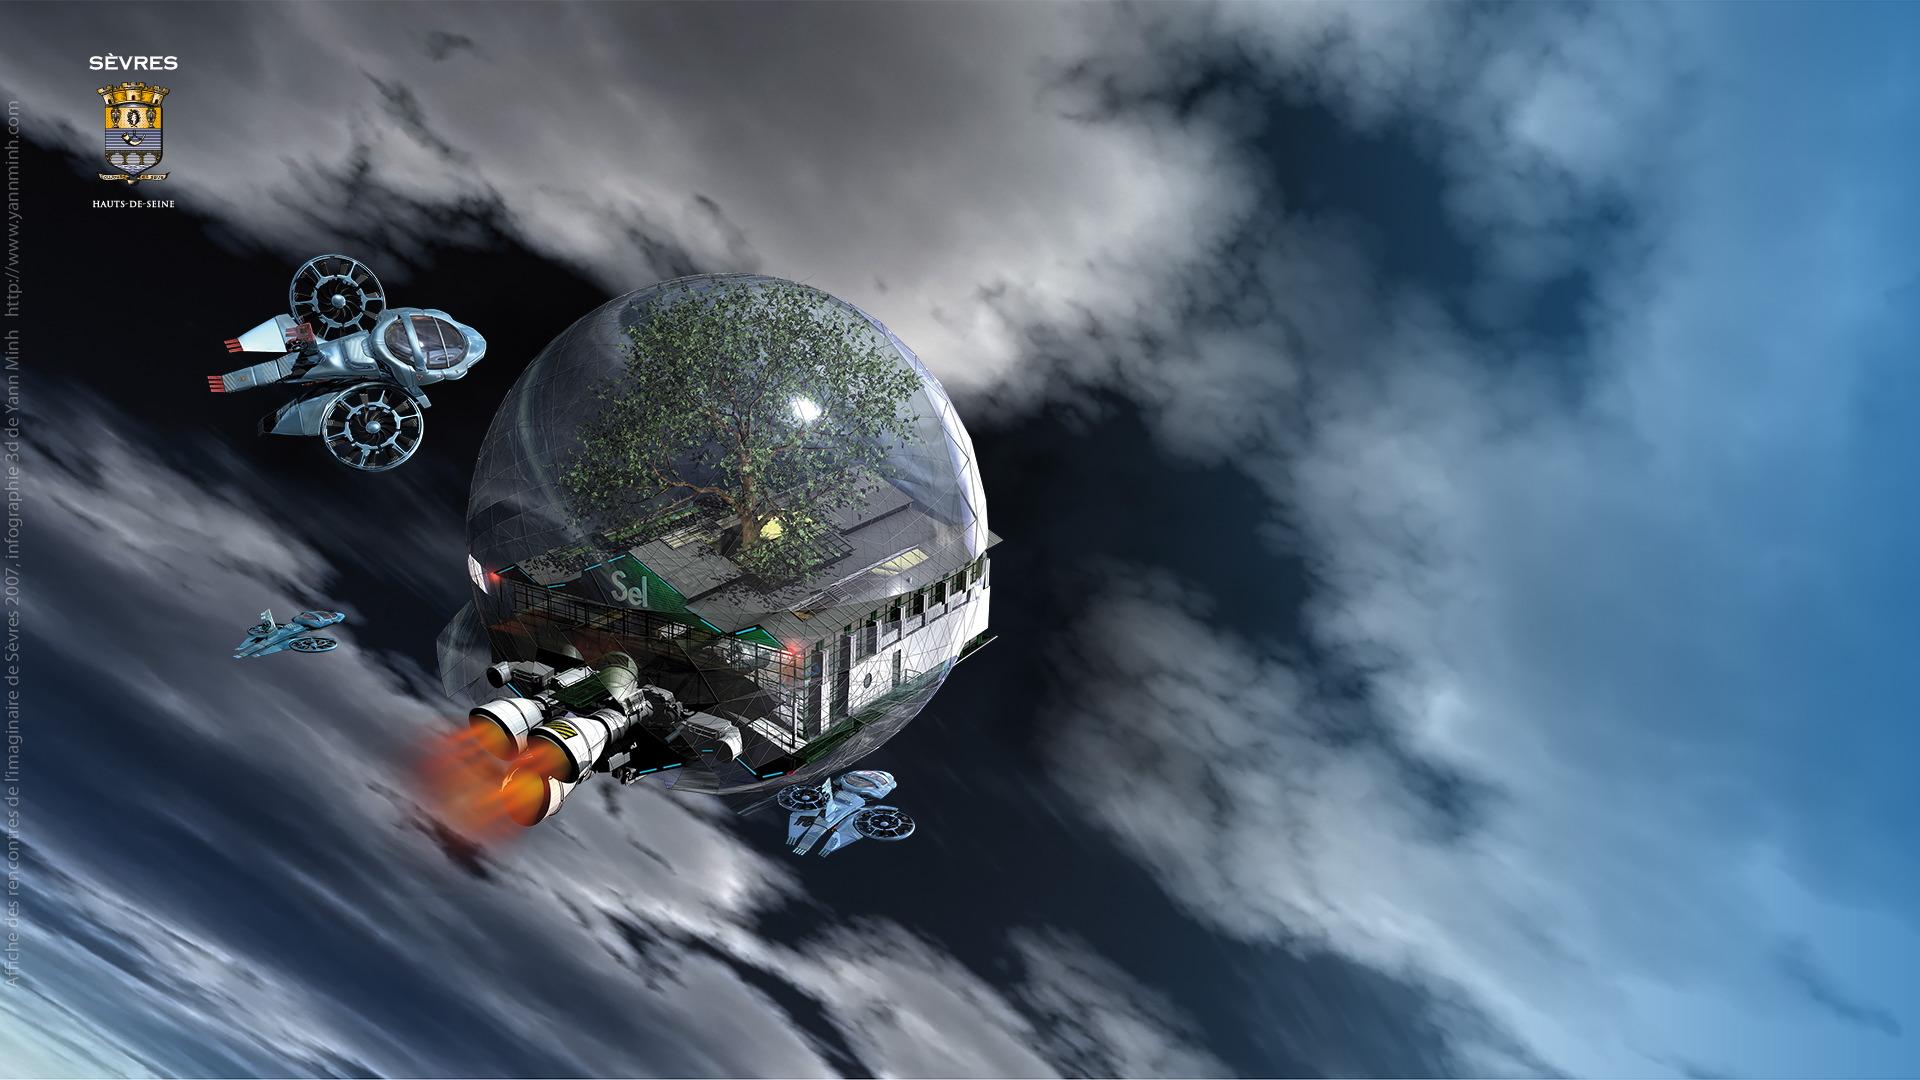 Noo Screen Savers Sevres Oosphere Fdecran Wallpapers HD Free 155666 picture